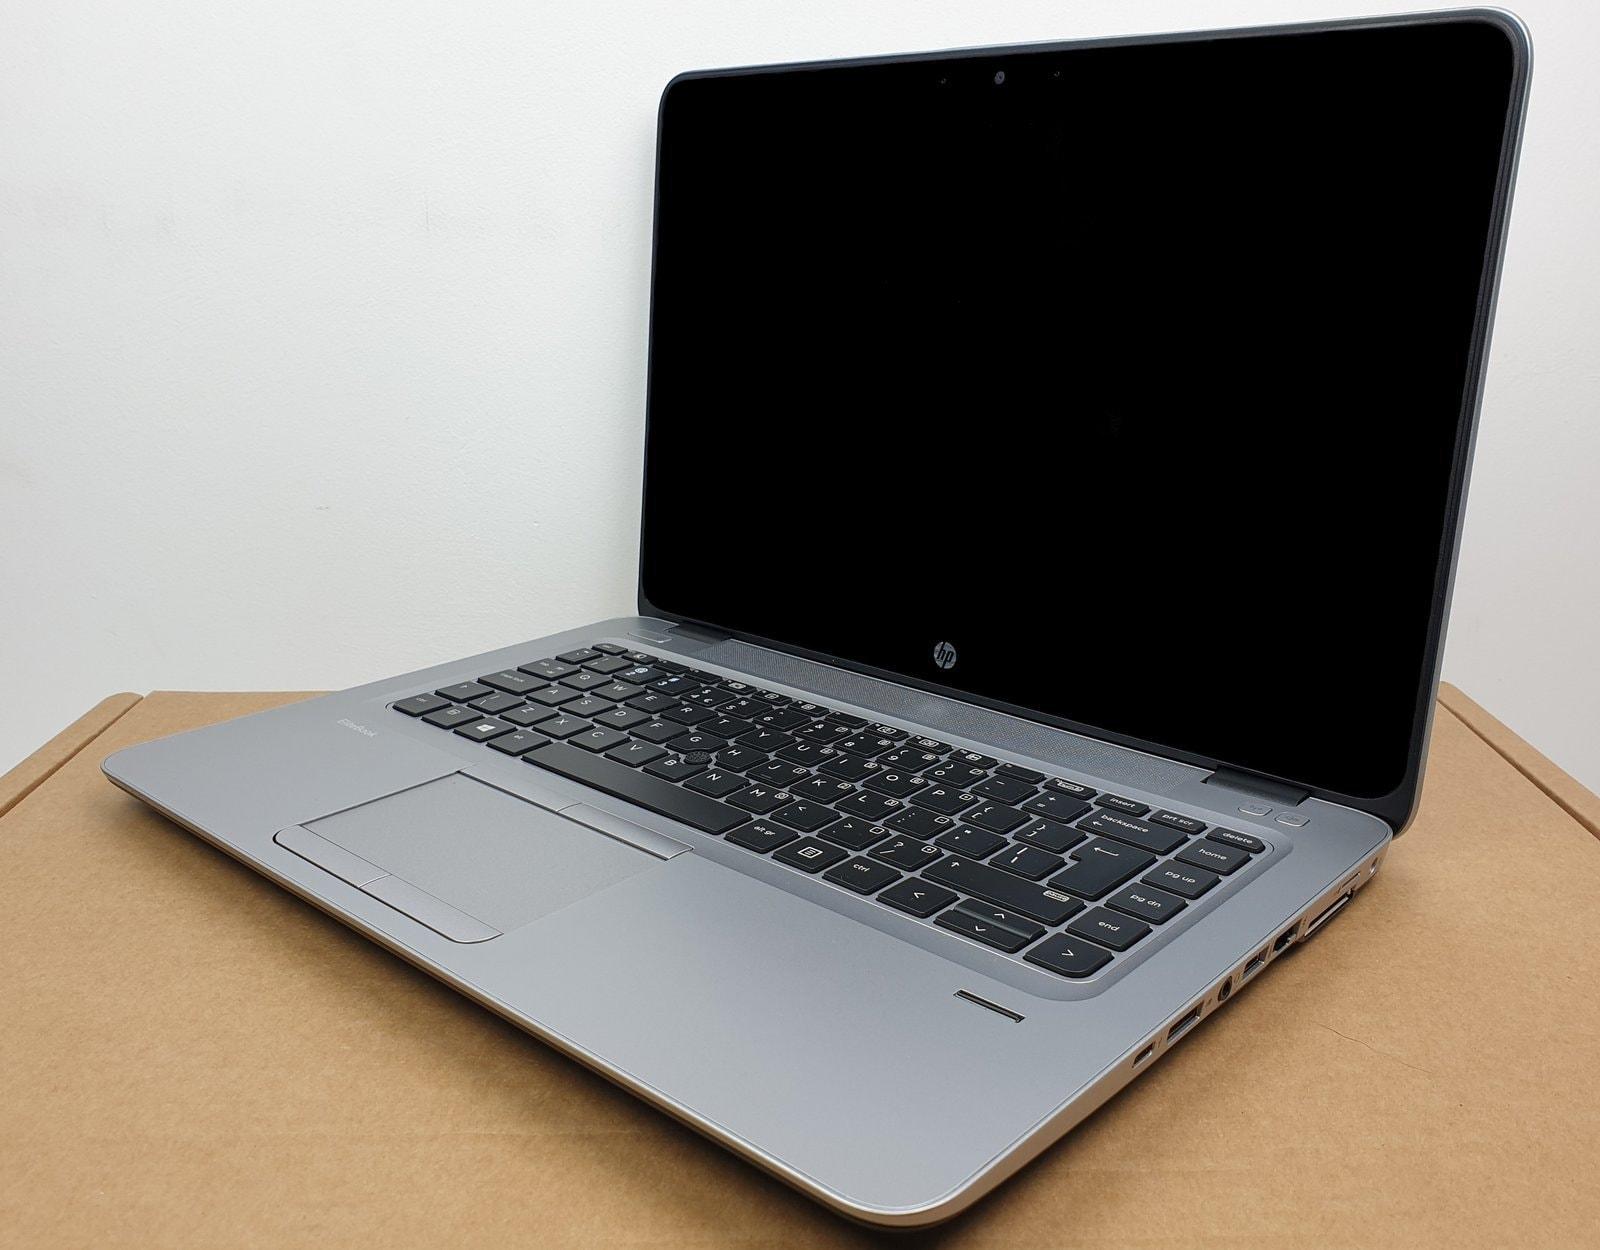 Laptop HP EliteBook 840 G3 i7 - 6 generacji / 8 GB / 240 GB SSD / 14 FullHD DOTYK / Klasa A- - 4